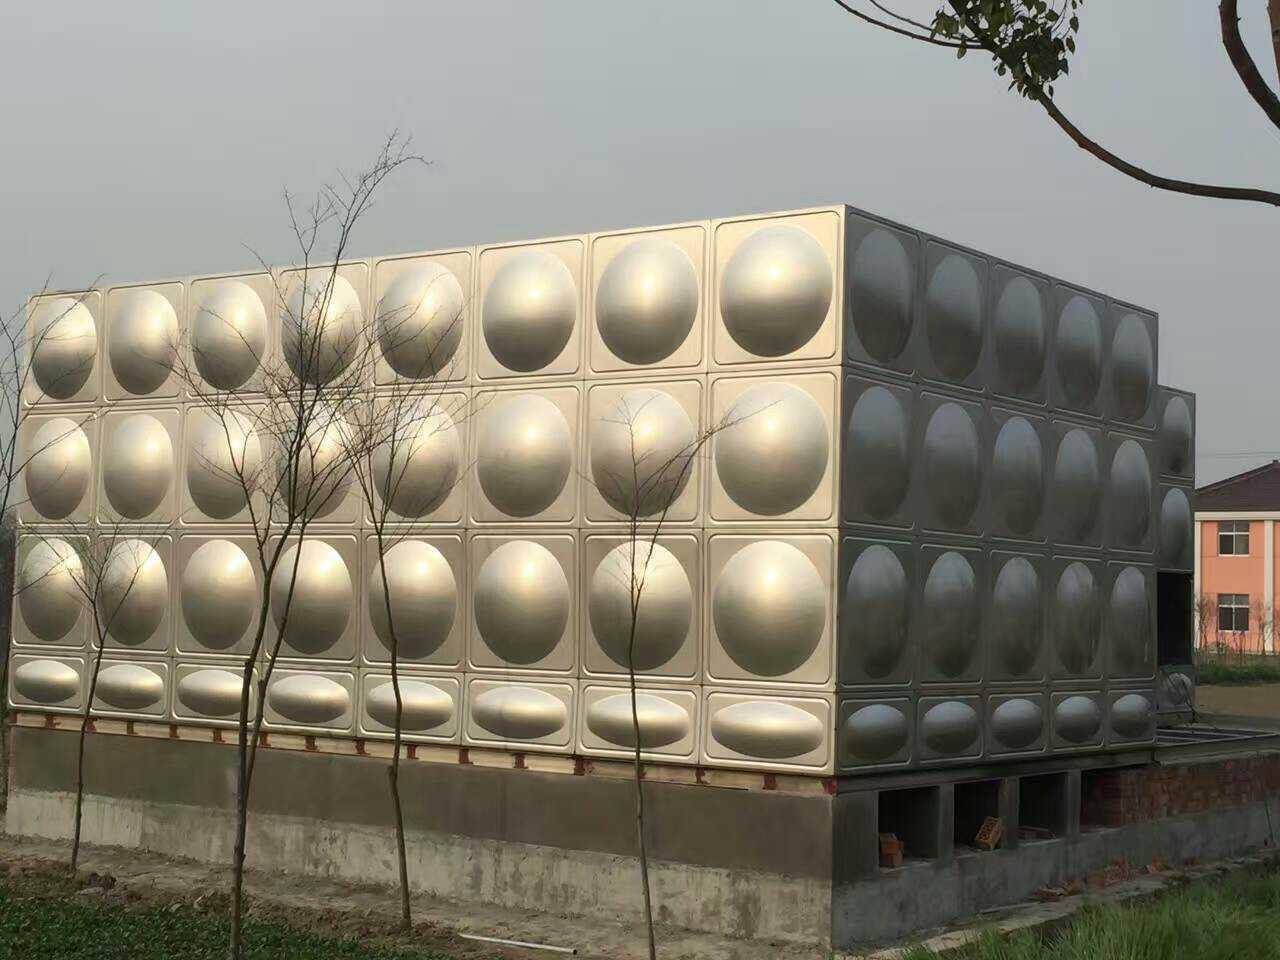 常州镇江苏州304不锈钢焊接水箱厂